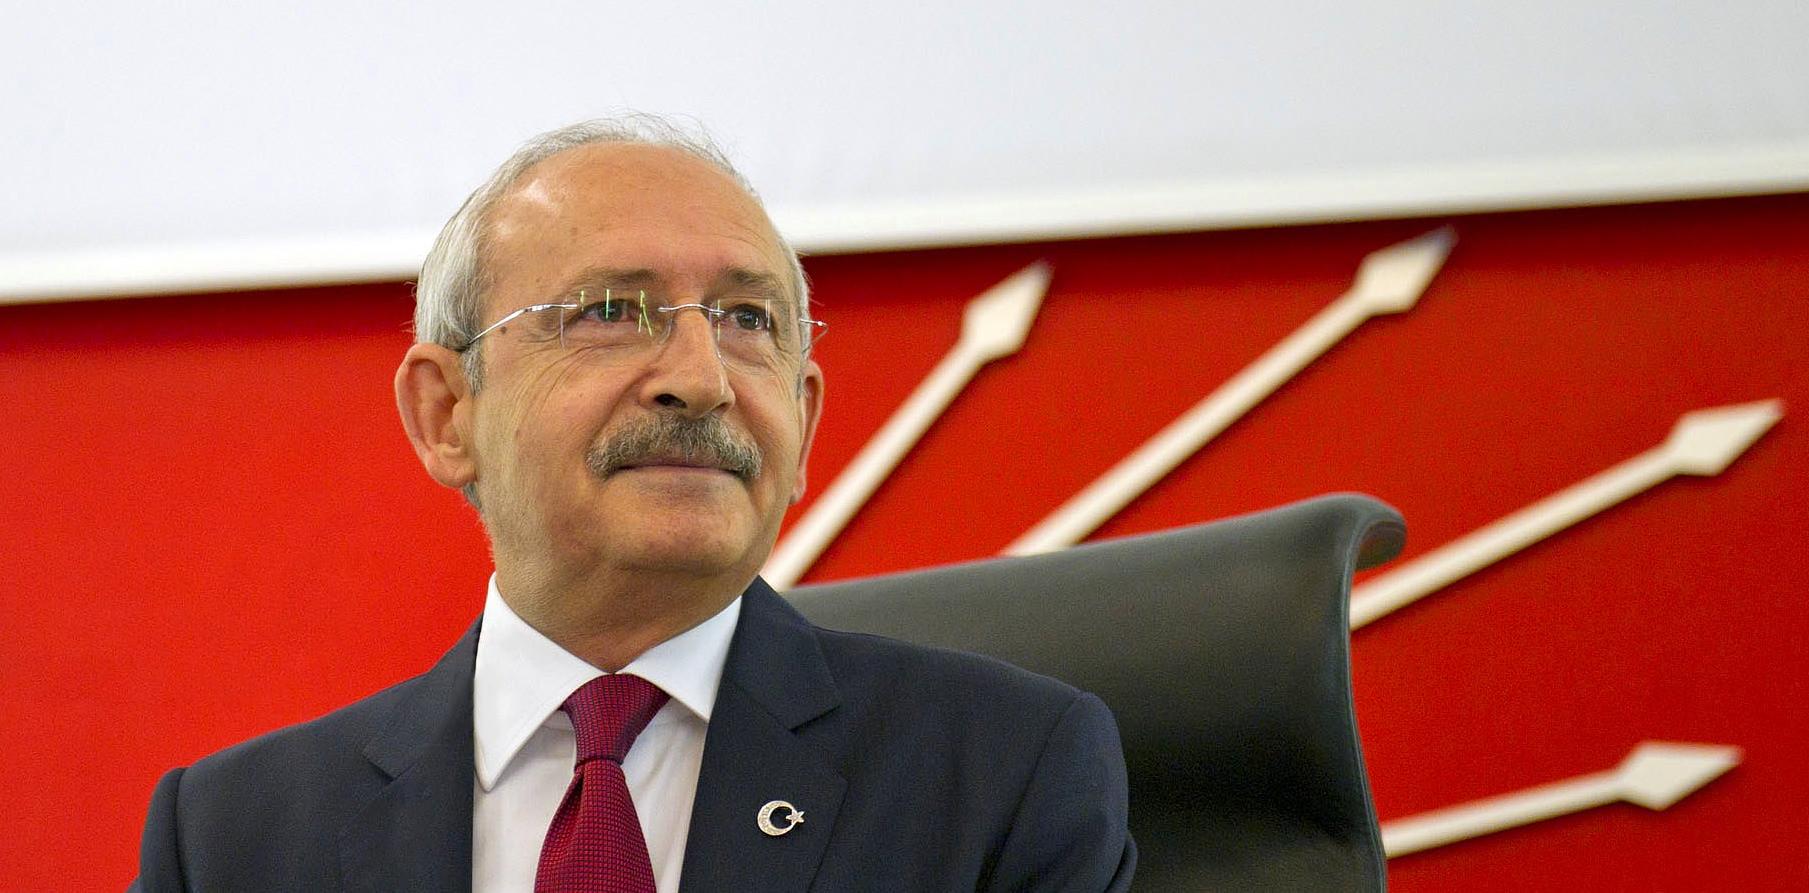 Kılıçdaroğlu, Davutoğlu'na uzlaşma şartlarını bildirdi